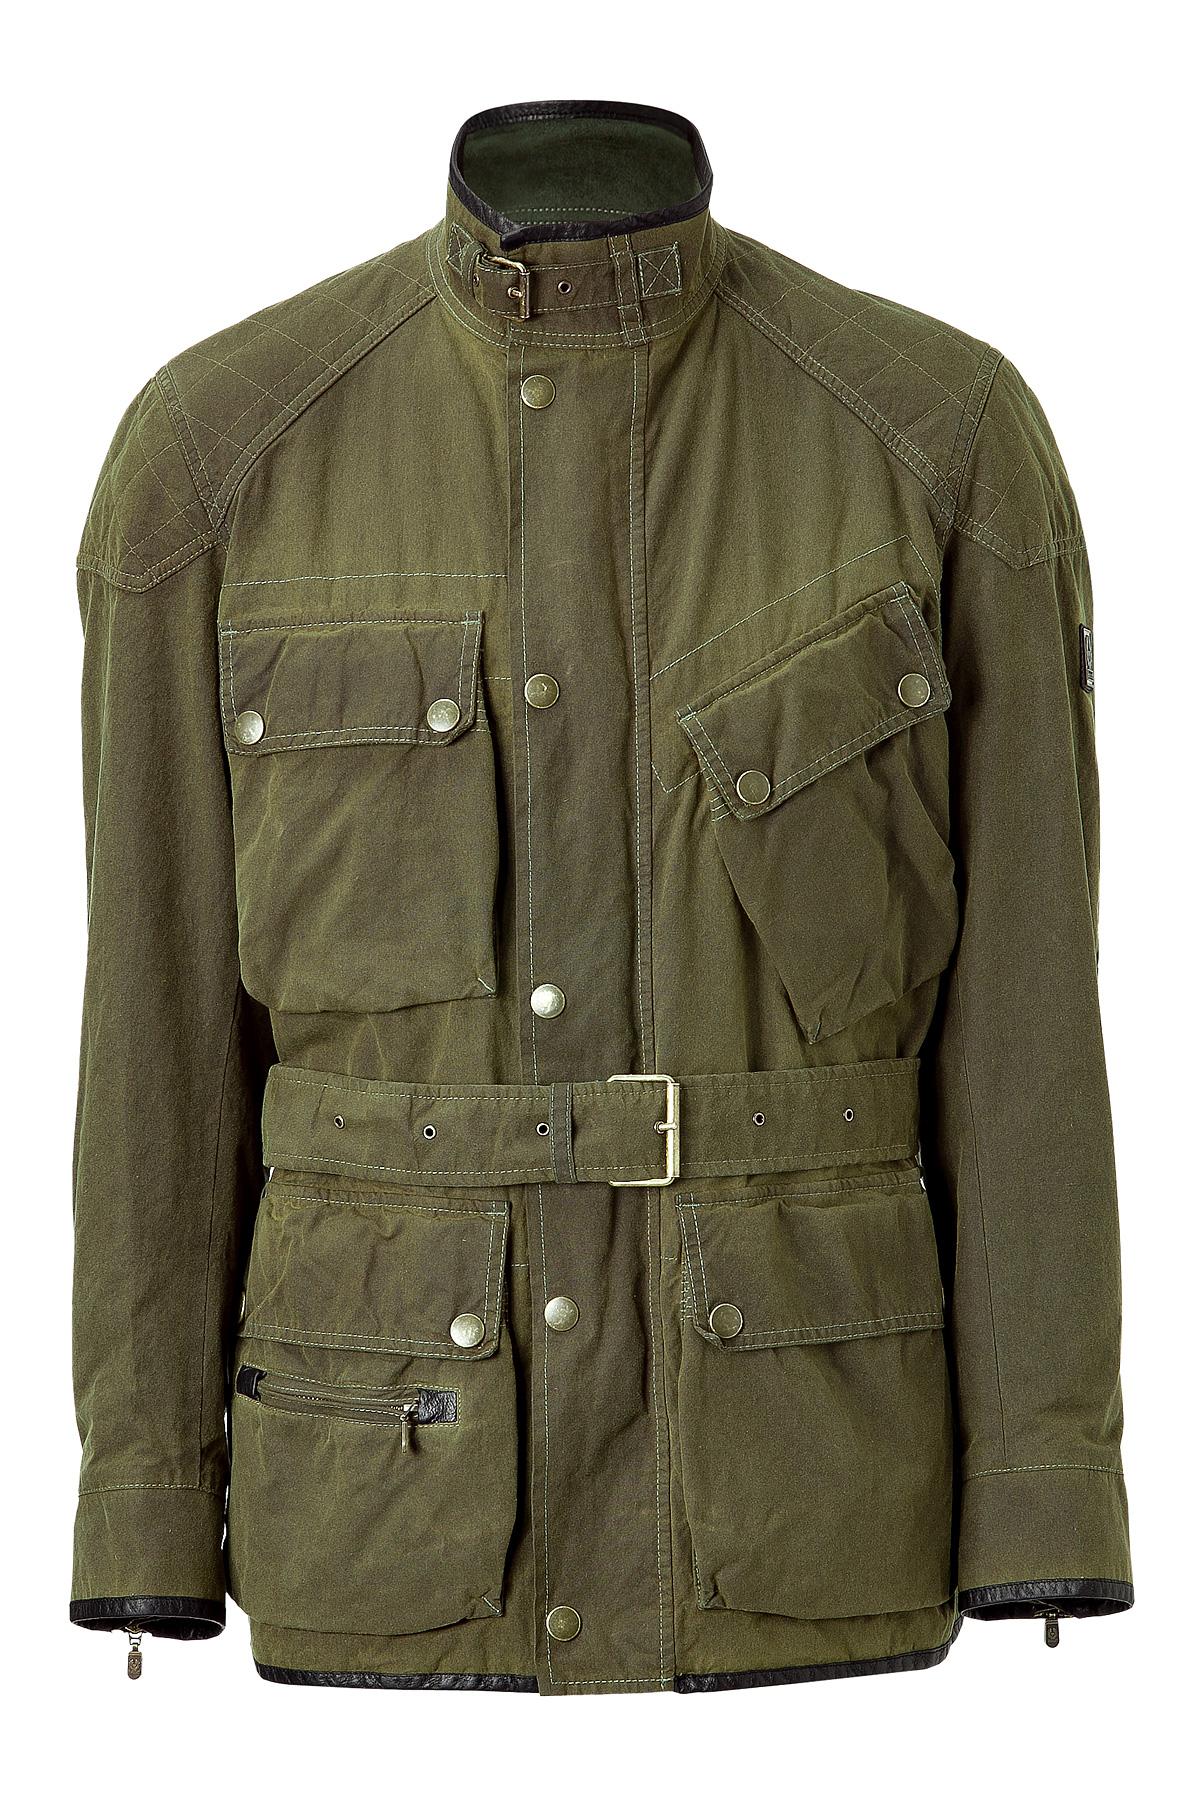 Belstaff Trialmaster Deluxe Jacket